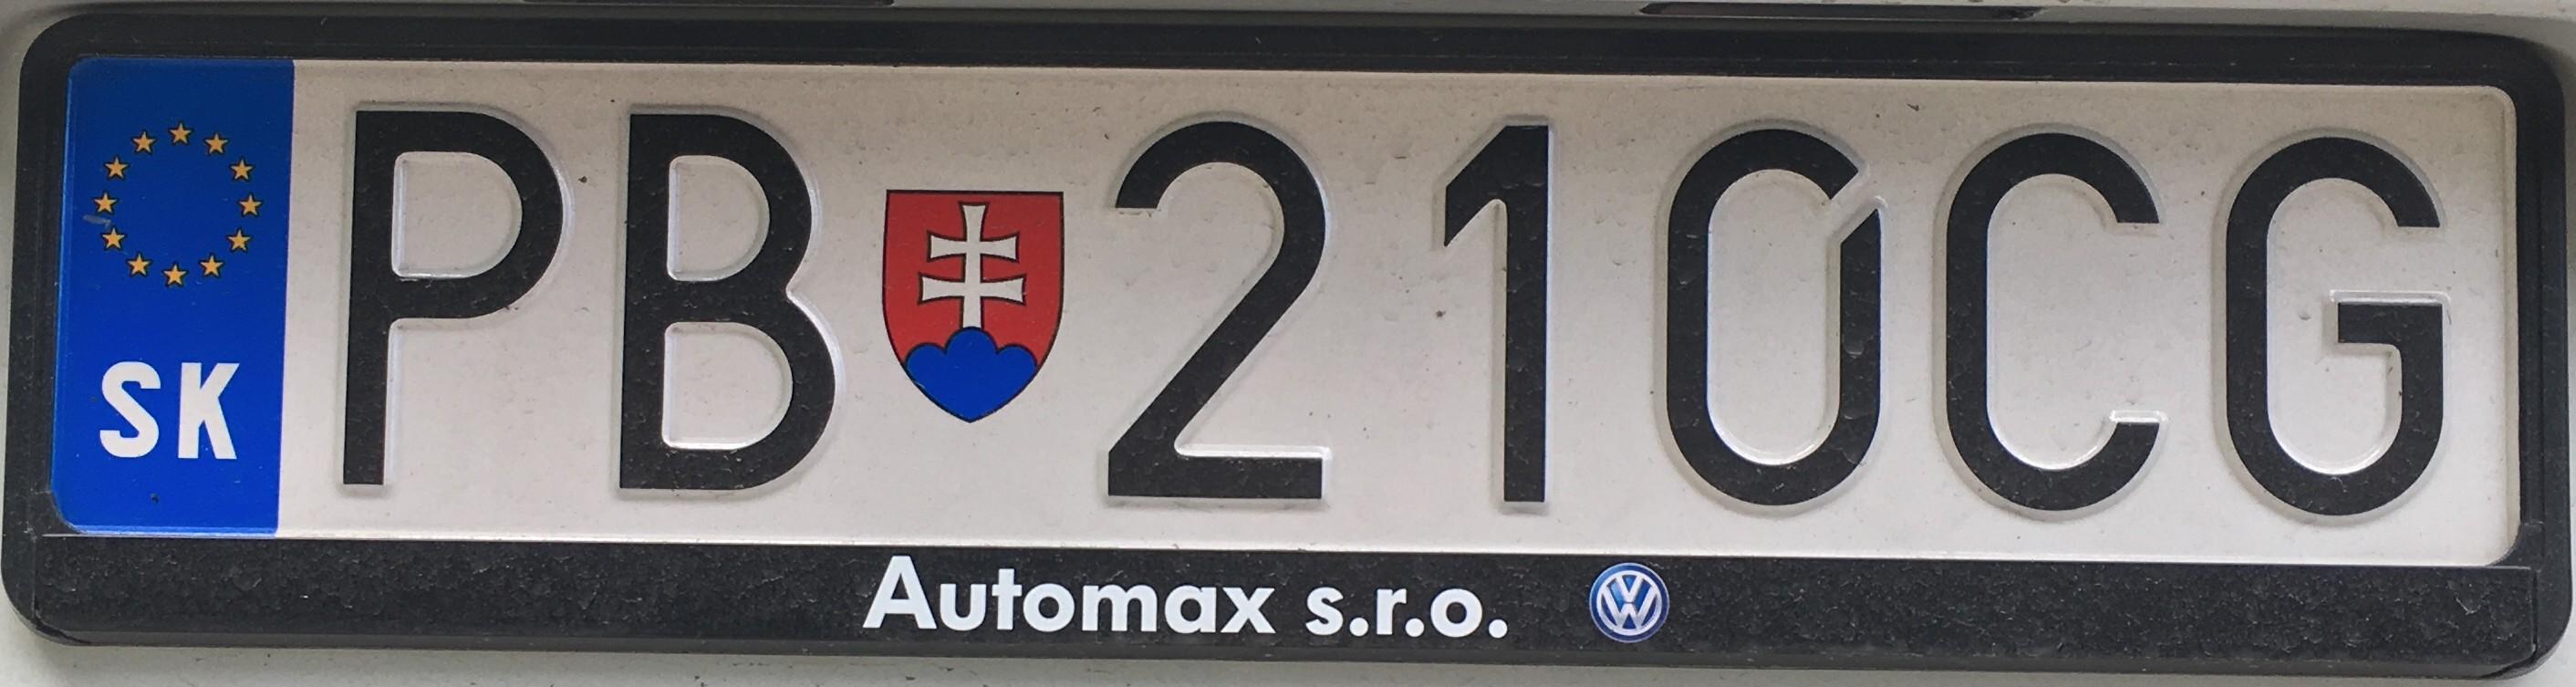 Registrační značka: PB - Považská Bystrica, foto: vlastní